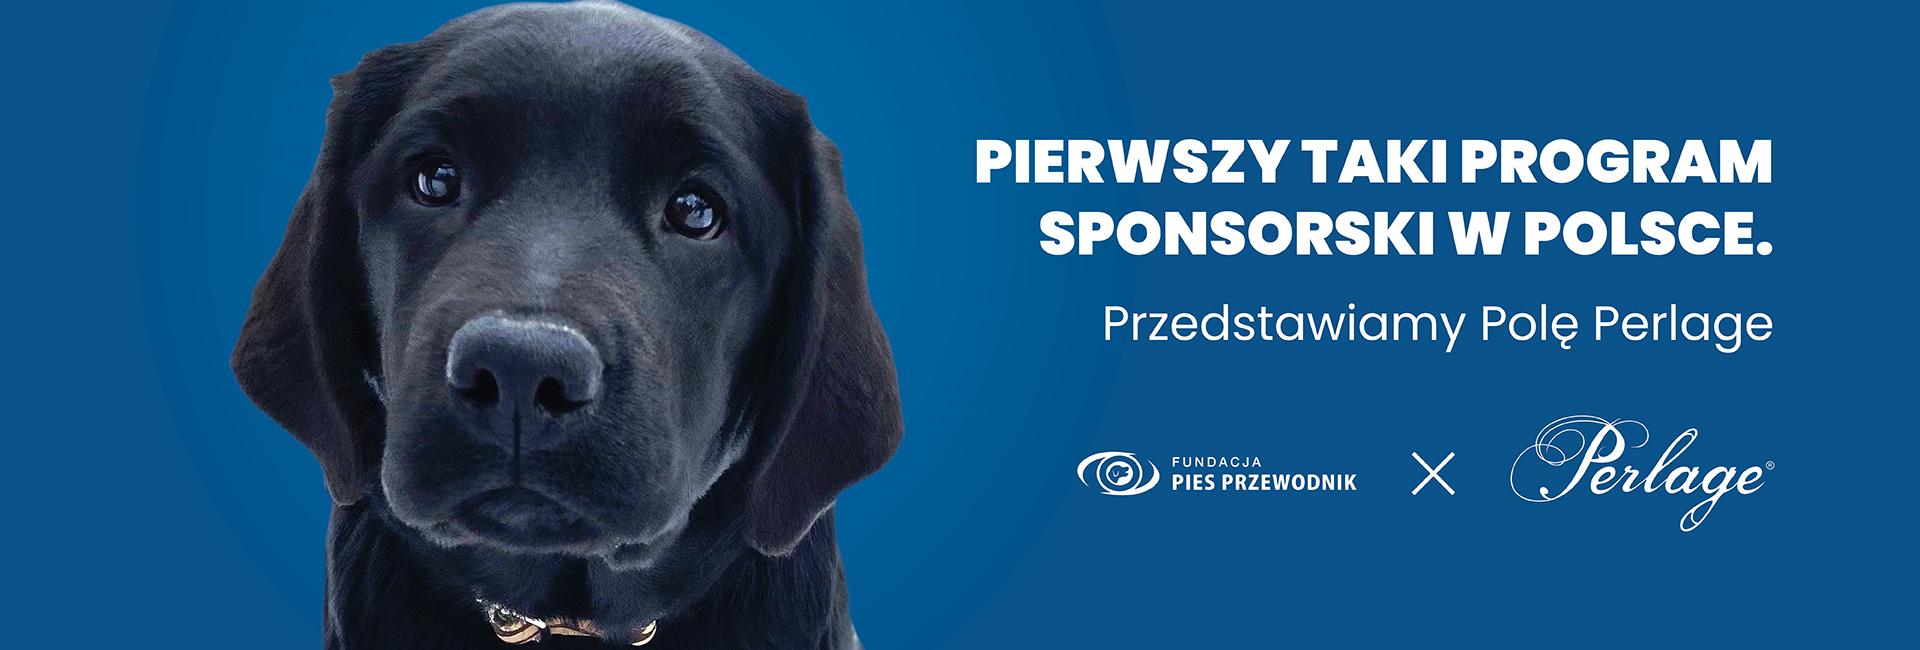 """Plakat z czarnym szczeniaczkiem i napisem """"Pierwszy taki program szkoleniowy w Polsce. Przedstawiamy Polę Perlage"""""""